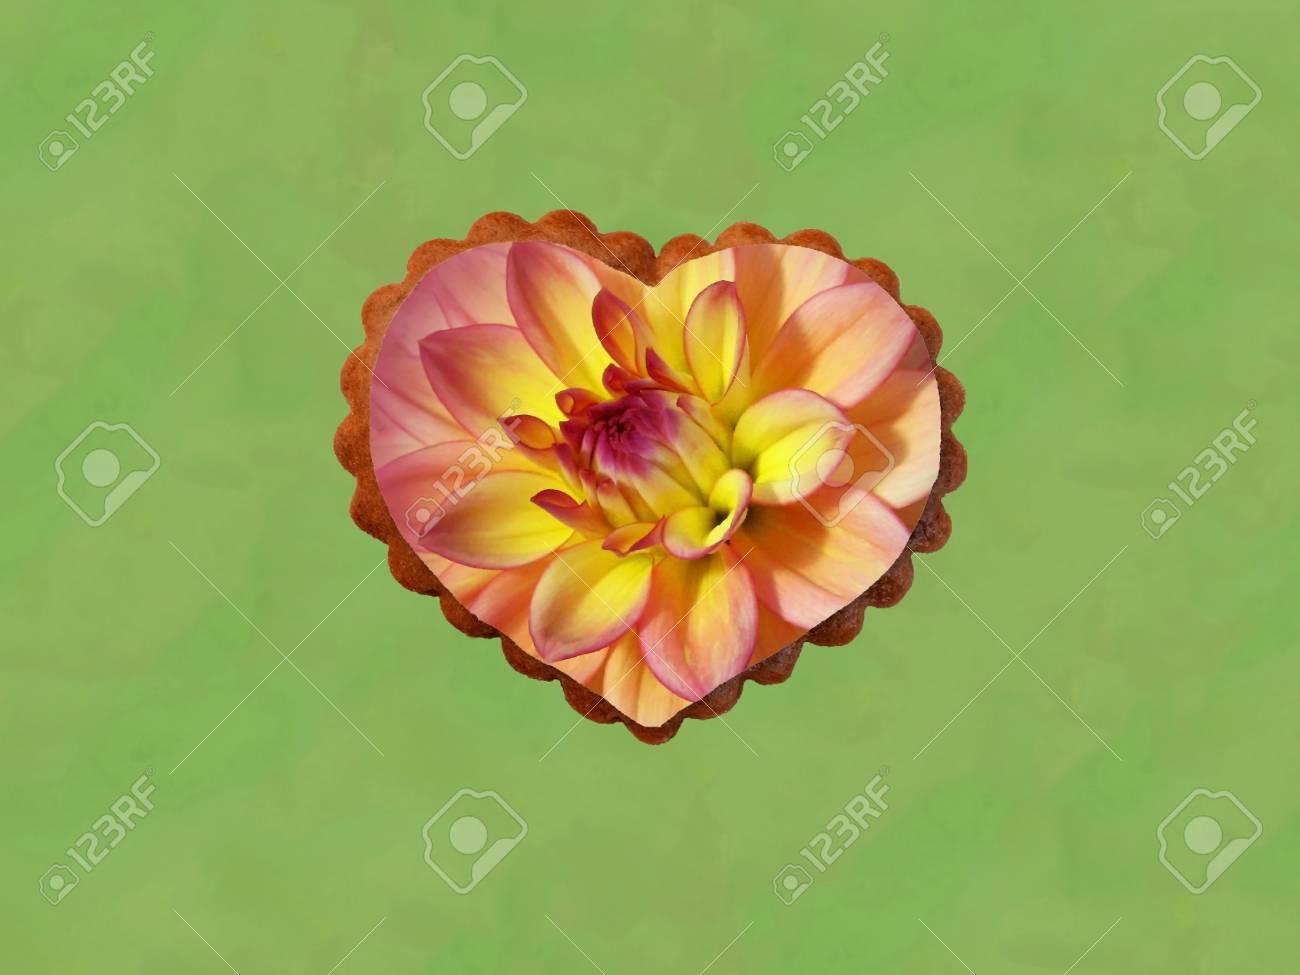 Flor De Dalia En Forma De Corazón Aislado En El Fondo Verde Fotos